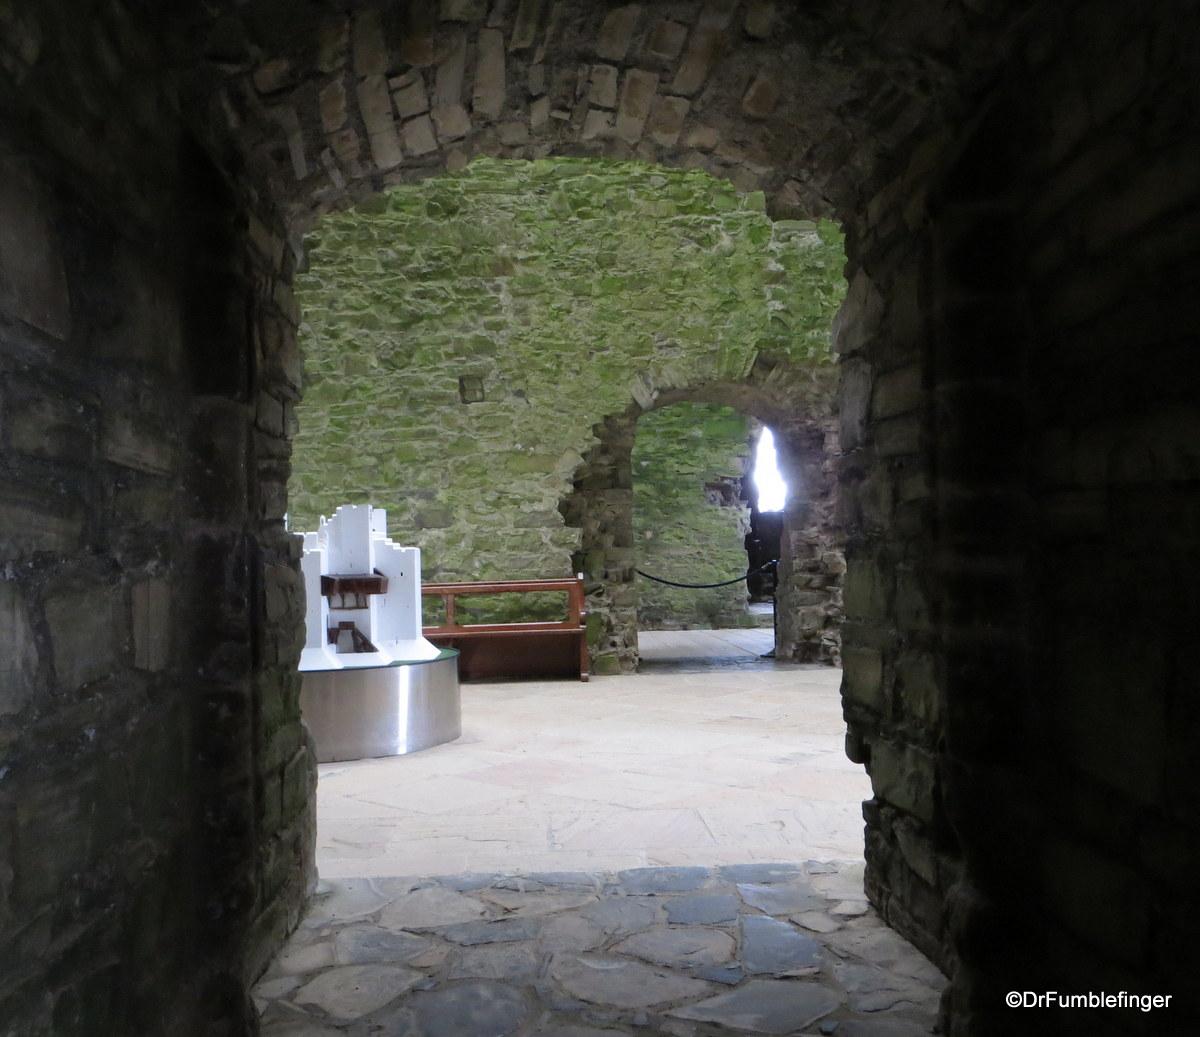 Interior, Trim Castle, Ireland